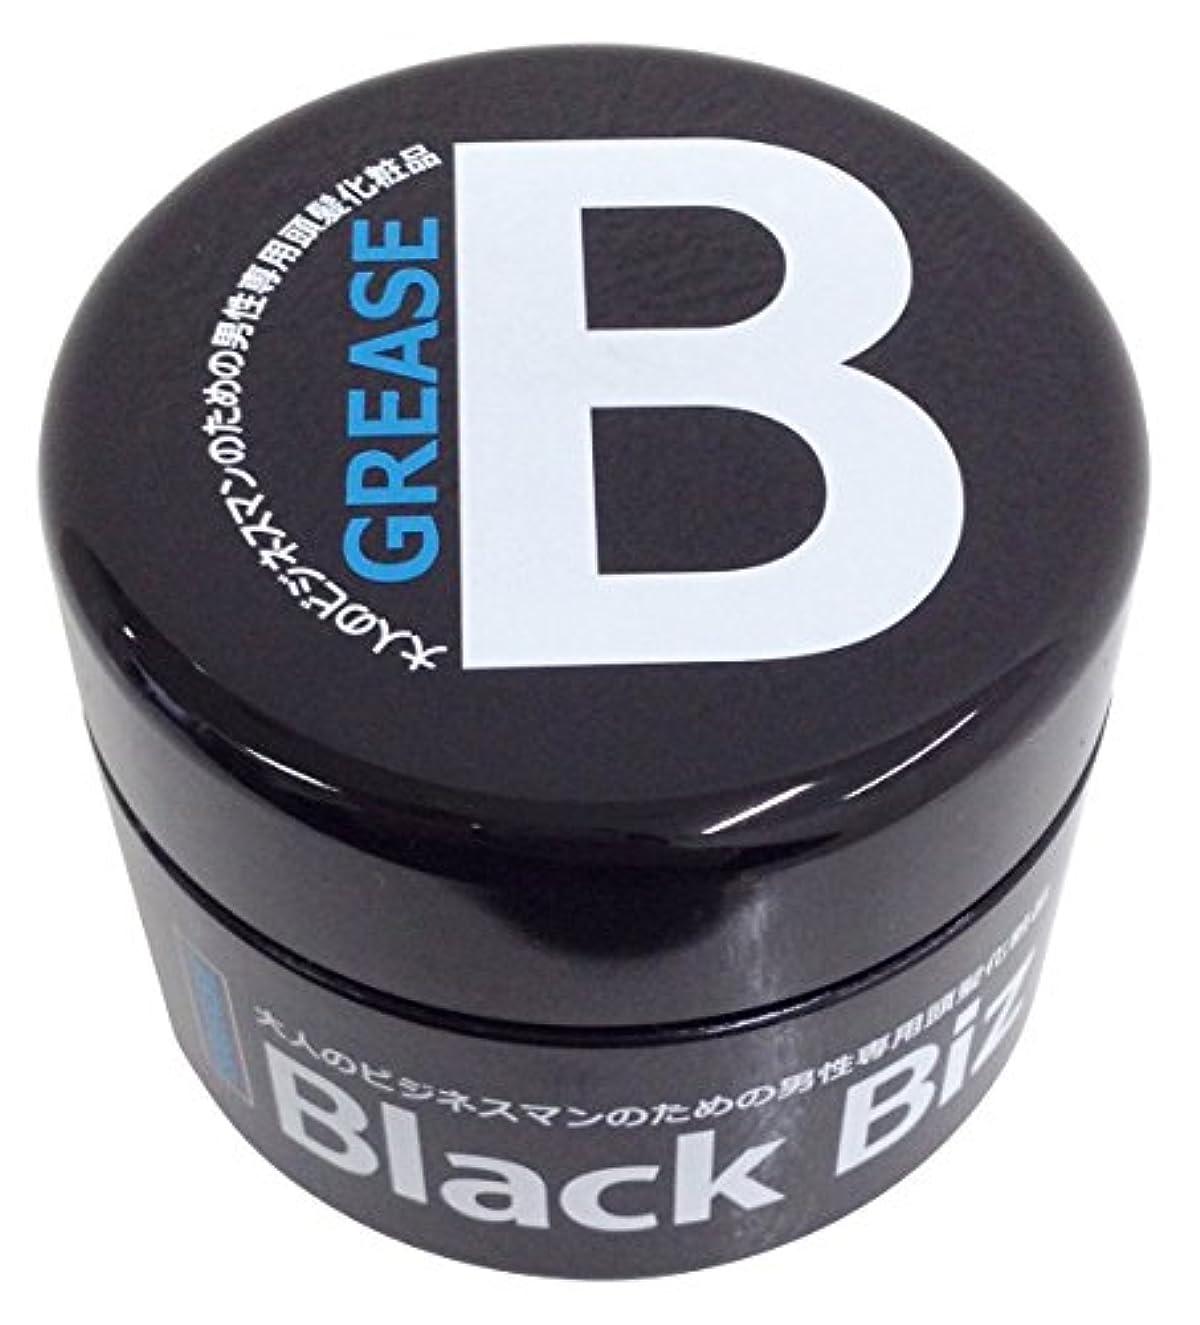 の前で陰気最大限大人のビジネスマンのための男性専用頭髪化粧品 BlackBiz GREASE SOFT ブラックビズ グリース ソフト